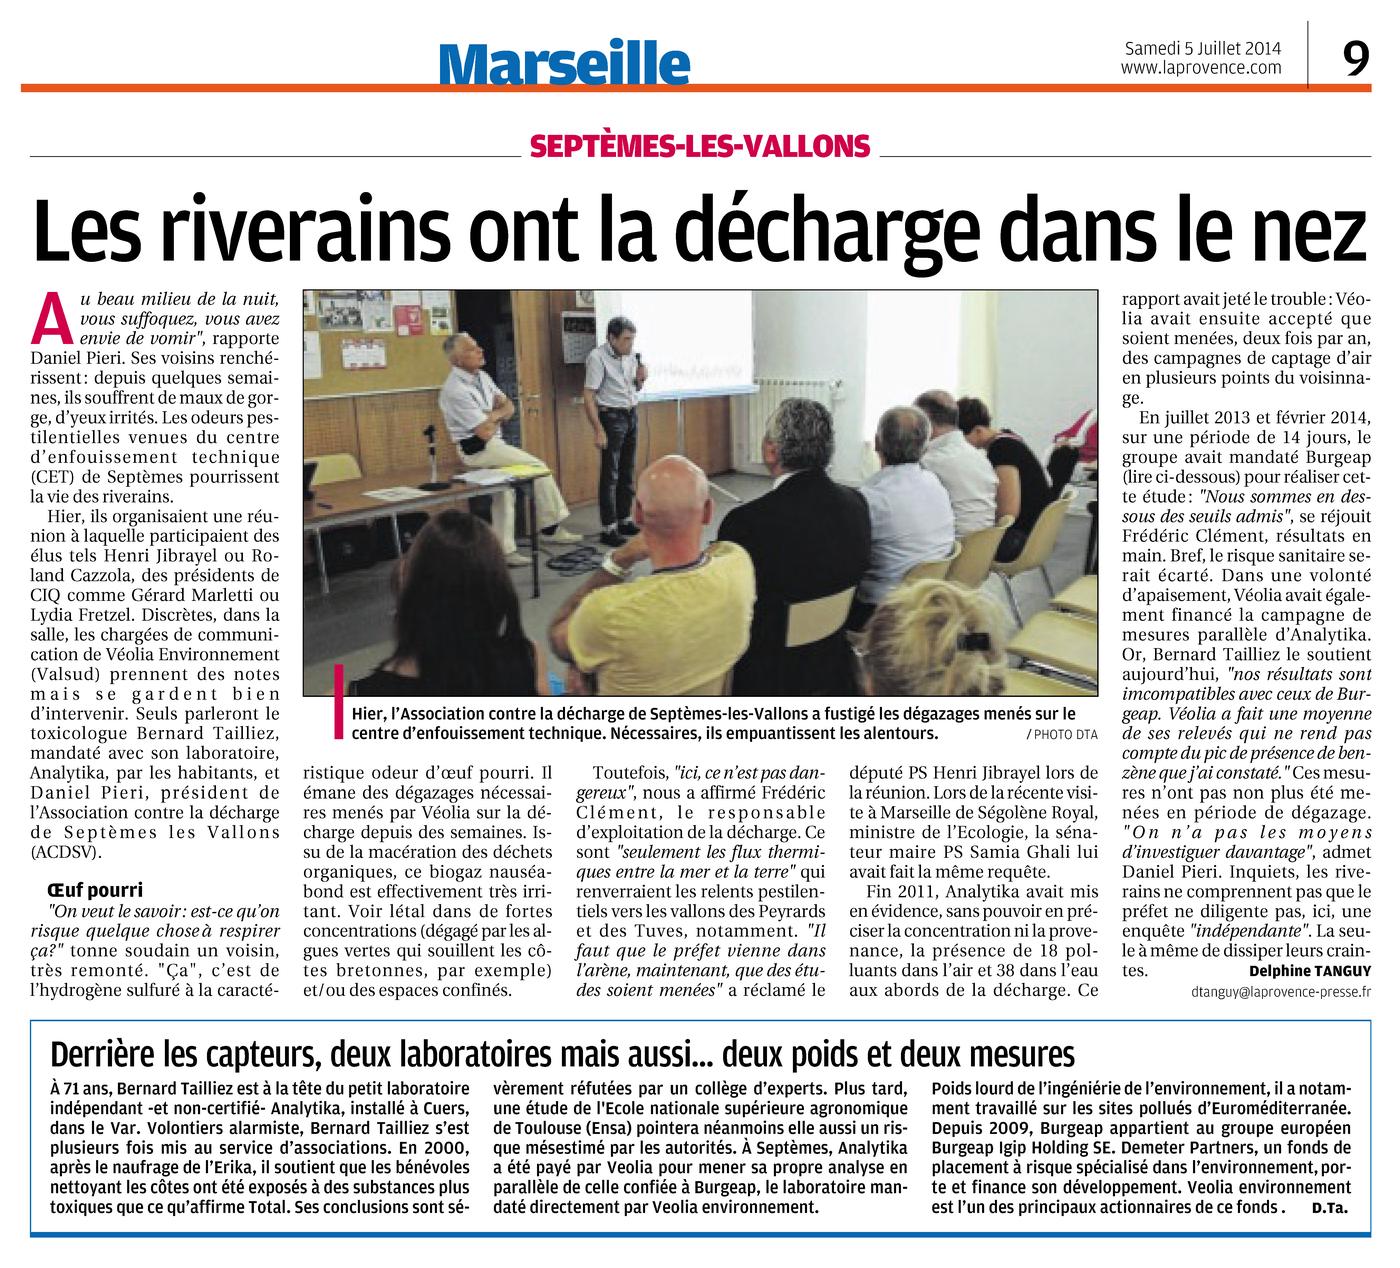 """06.07.2014 > LA PROVENCE : """"Décharge de Septèmes-les-Vallons : « Les riverains ont la décharge dans le nez »"""""""